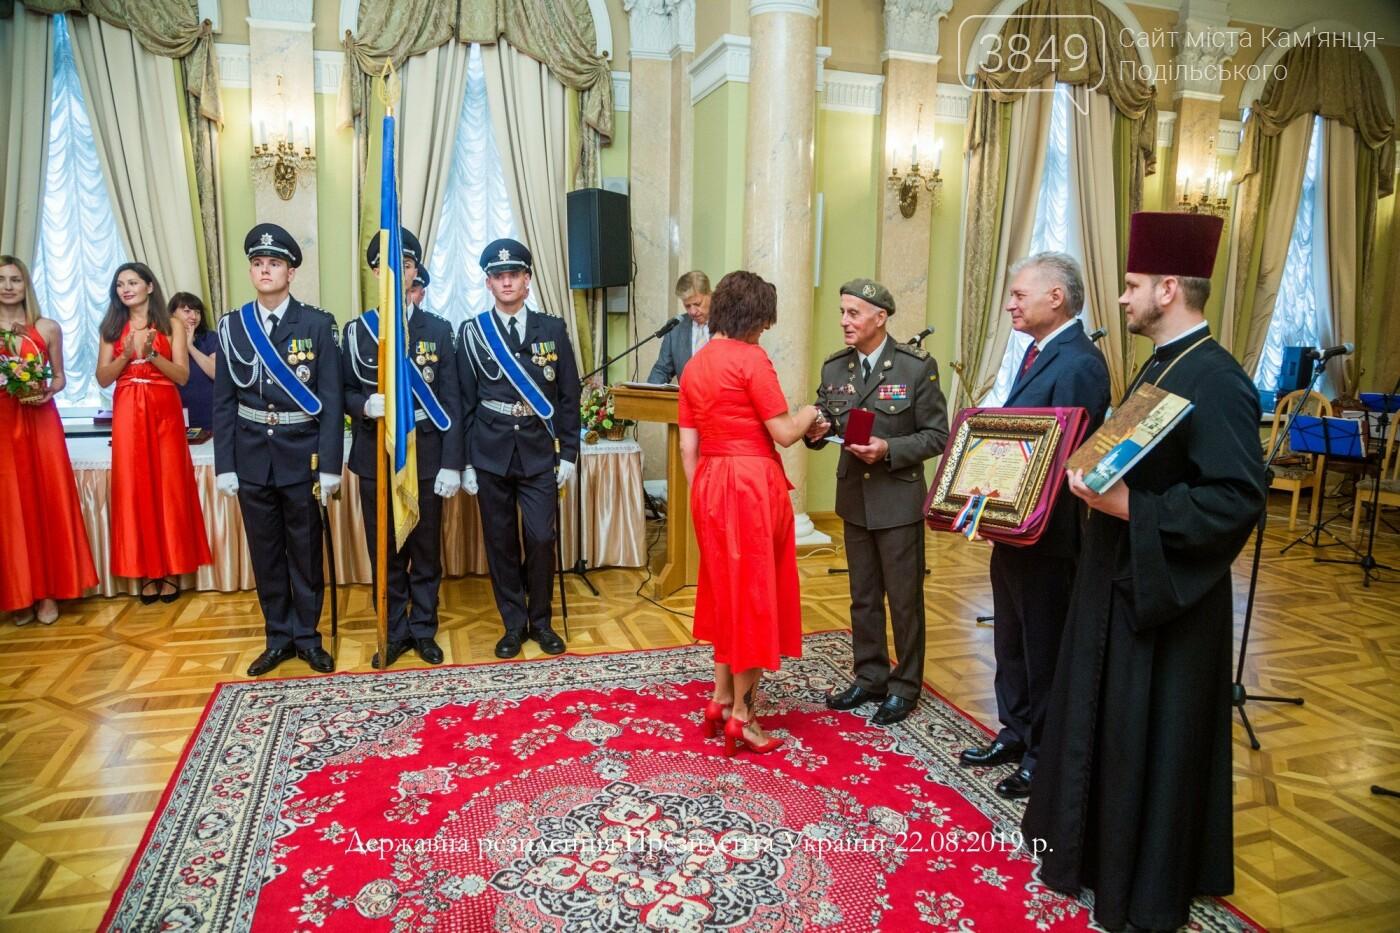 Лікар із Кам'янця-Подільського отримала найвищий міжнародний суспільний орден України, фото-1